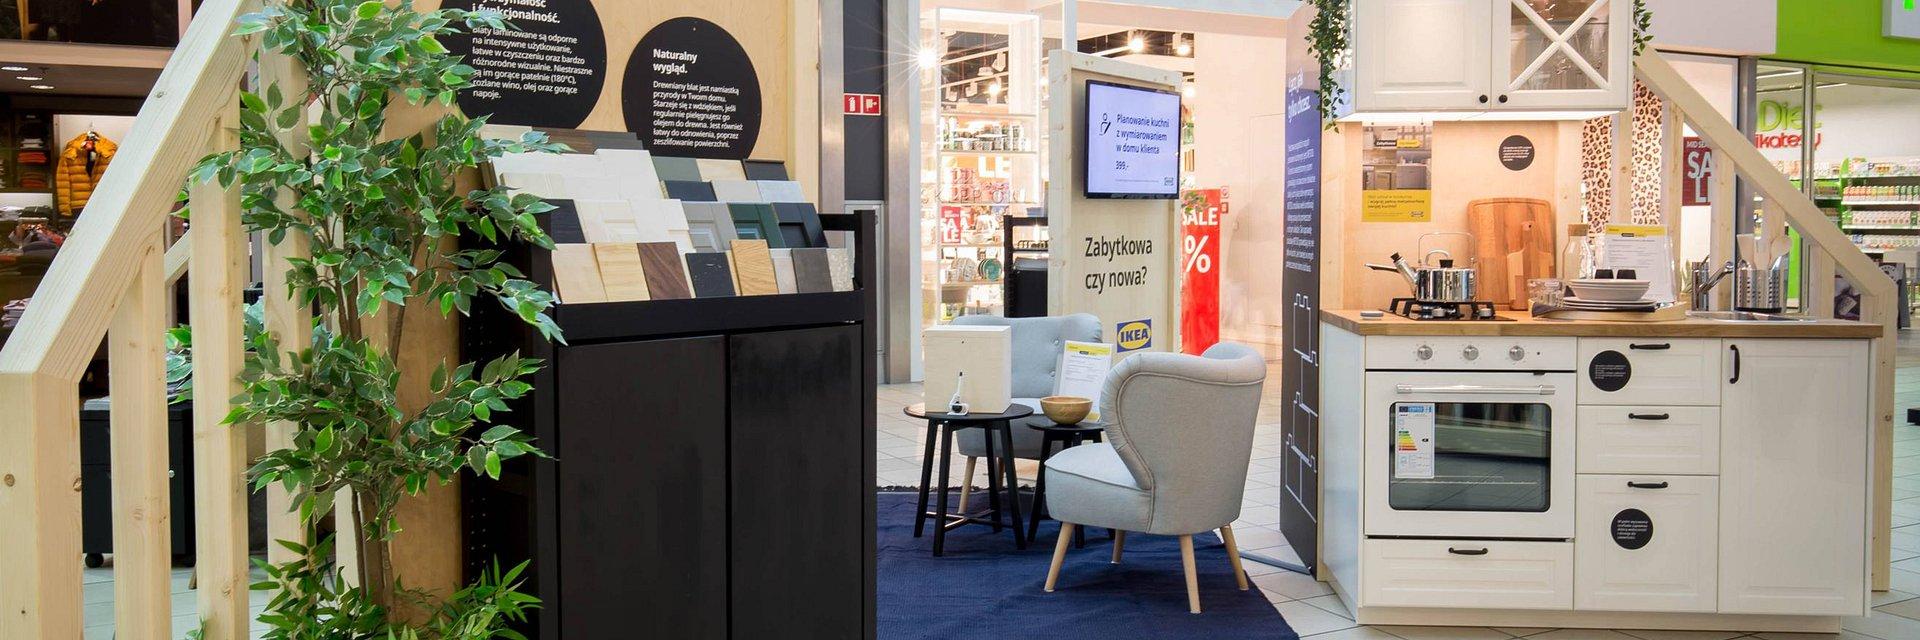 IKEA otworzyła showroom w centrum handlowym M1 w Krakowie